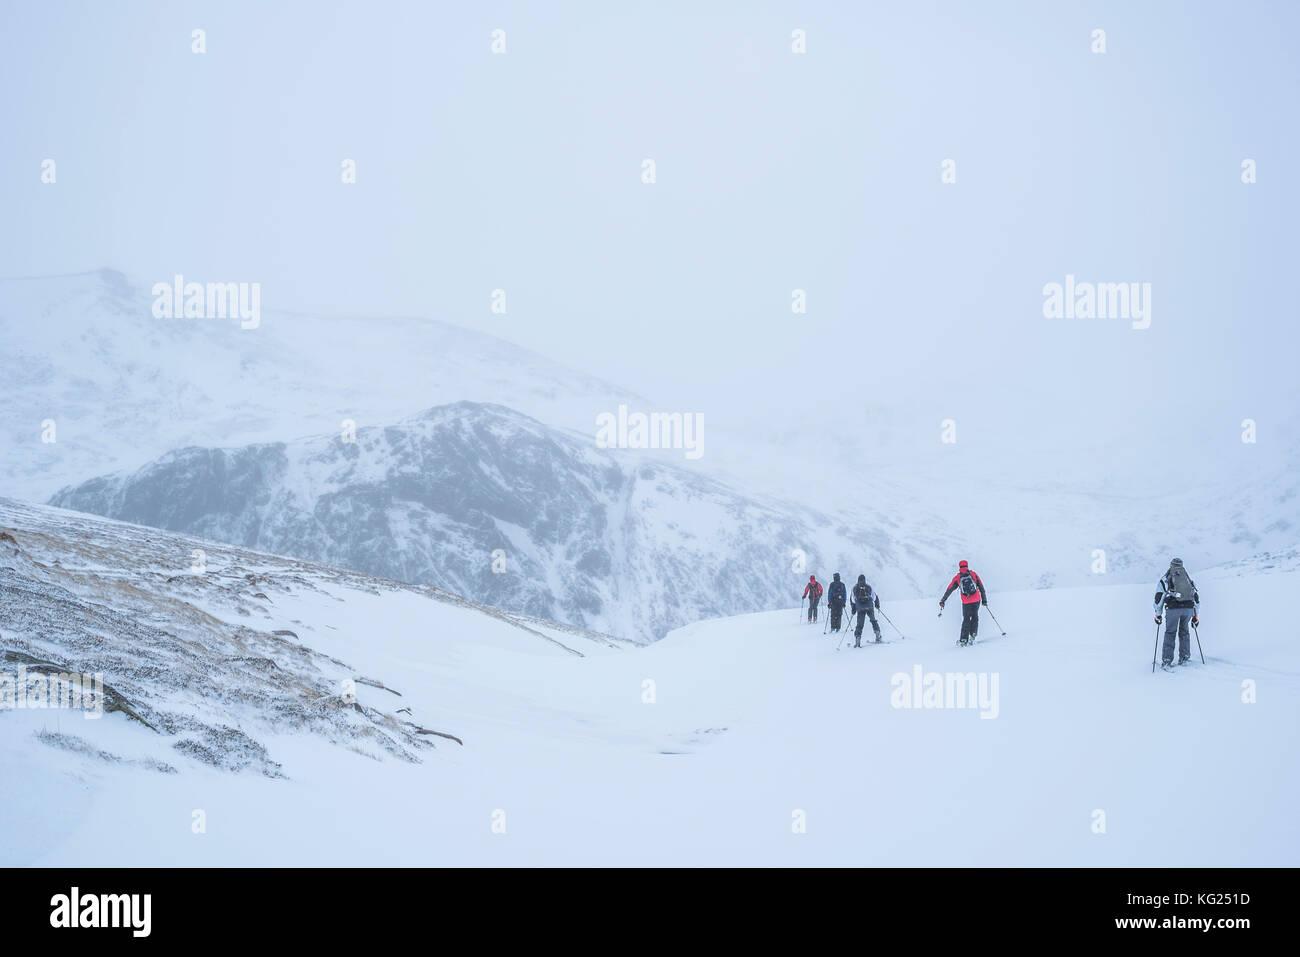 Ski de randonnée à Cairngorm Mountain Ski Resort, Aviemore, parc national de Cairngorms, en Écosse, Photo Stock